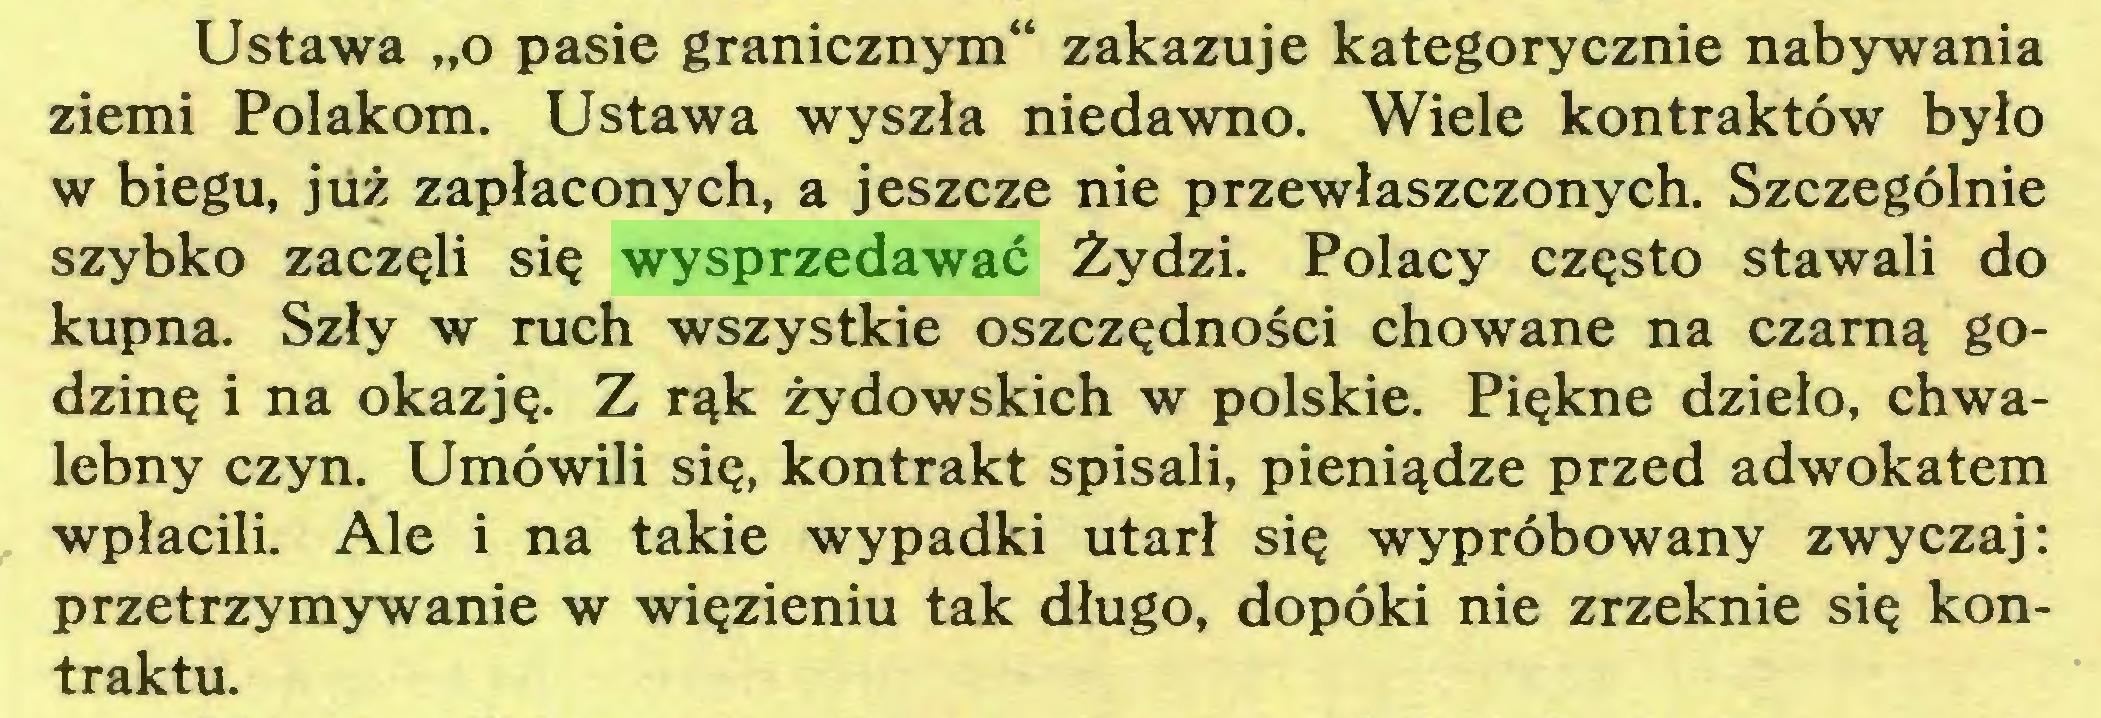 """(...) Ustawa """"o pasie granicznym"""" zakazuje kategorycznie nabywania ziemi Polakom. Ustawa wyszła niedawno. Wiele kontraktów było w biegu, już zapłaconych, a jeszcze nie przewłaszczonych. Szczególnie szybko zaczęli się wysprzedawać Żydzi. Polacy często stawali do kupna. Szły w ruch wszystkie oszczędności chowane na czarną godzinę i na okazję. Z rąk żydowskich w polskie. Piękne dzieło, chwalebny czyn. Umówili się, kontrakt spisali, pieniądze przed adwokatem wpłacili. Ale i na takie wypadki utarł się wypróbowany zwyczaj: przetrzymywanie w więzieniu tak długo, dopóki nie zrzeknie się kontraktu..."""